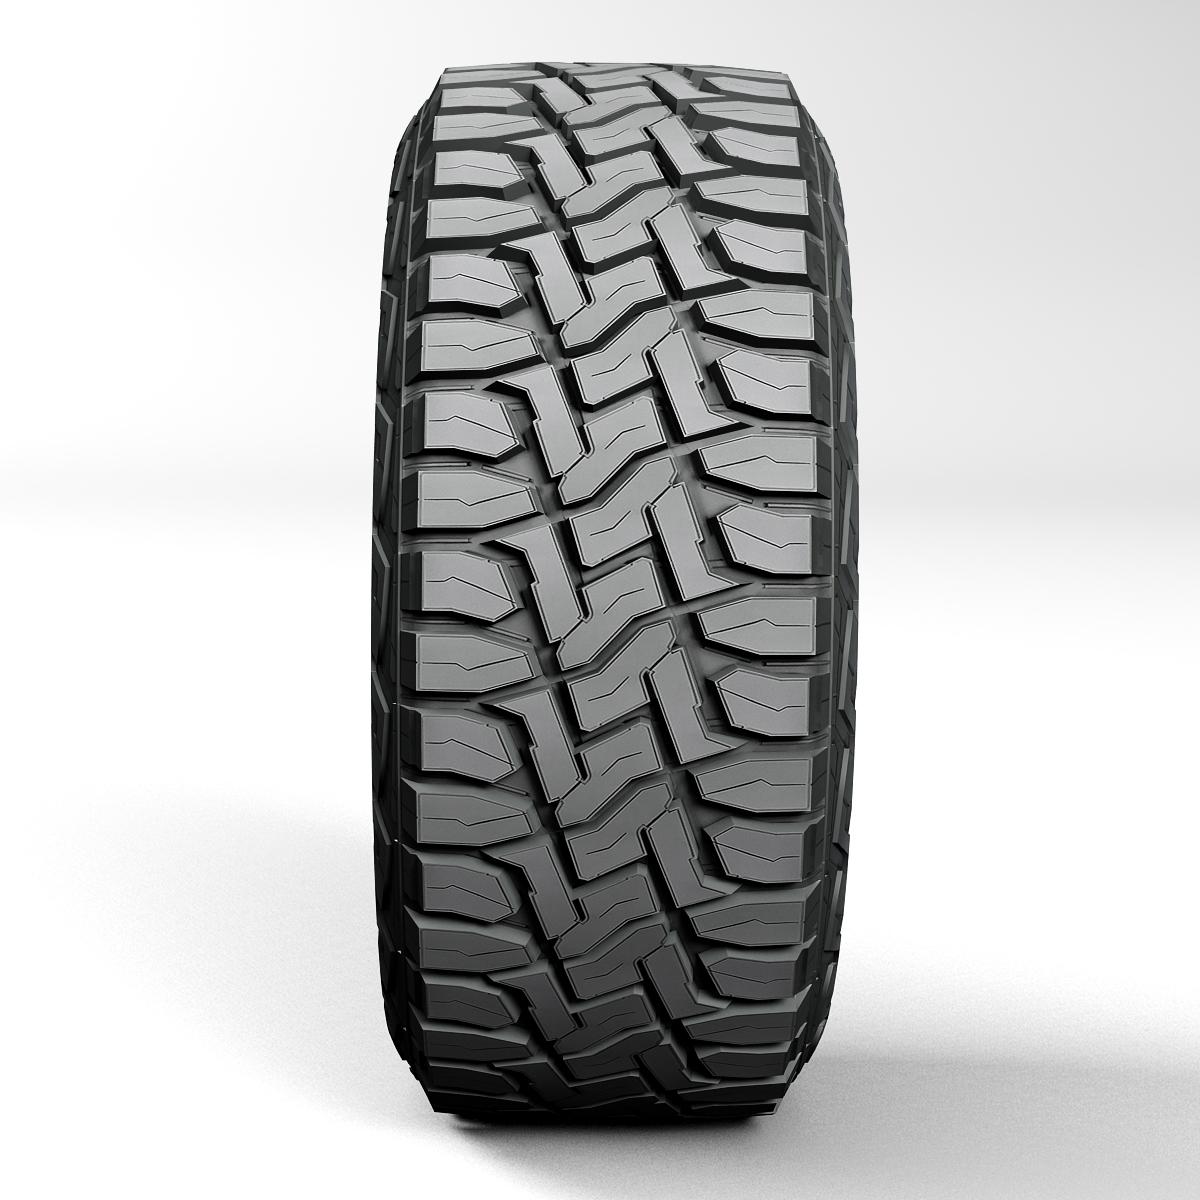 off road wheel and tire 2 3d model 3ds max fbx tga targa icb vda vst pix obj 224413